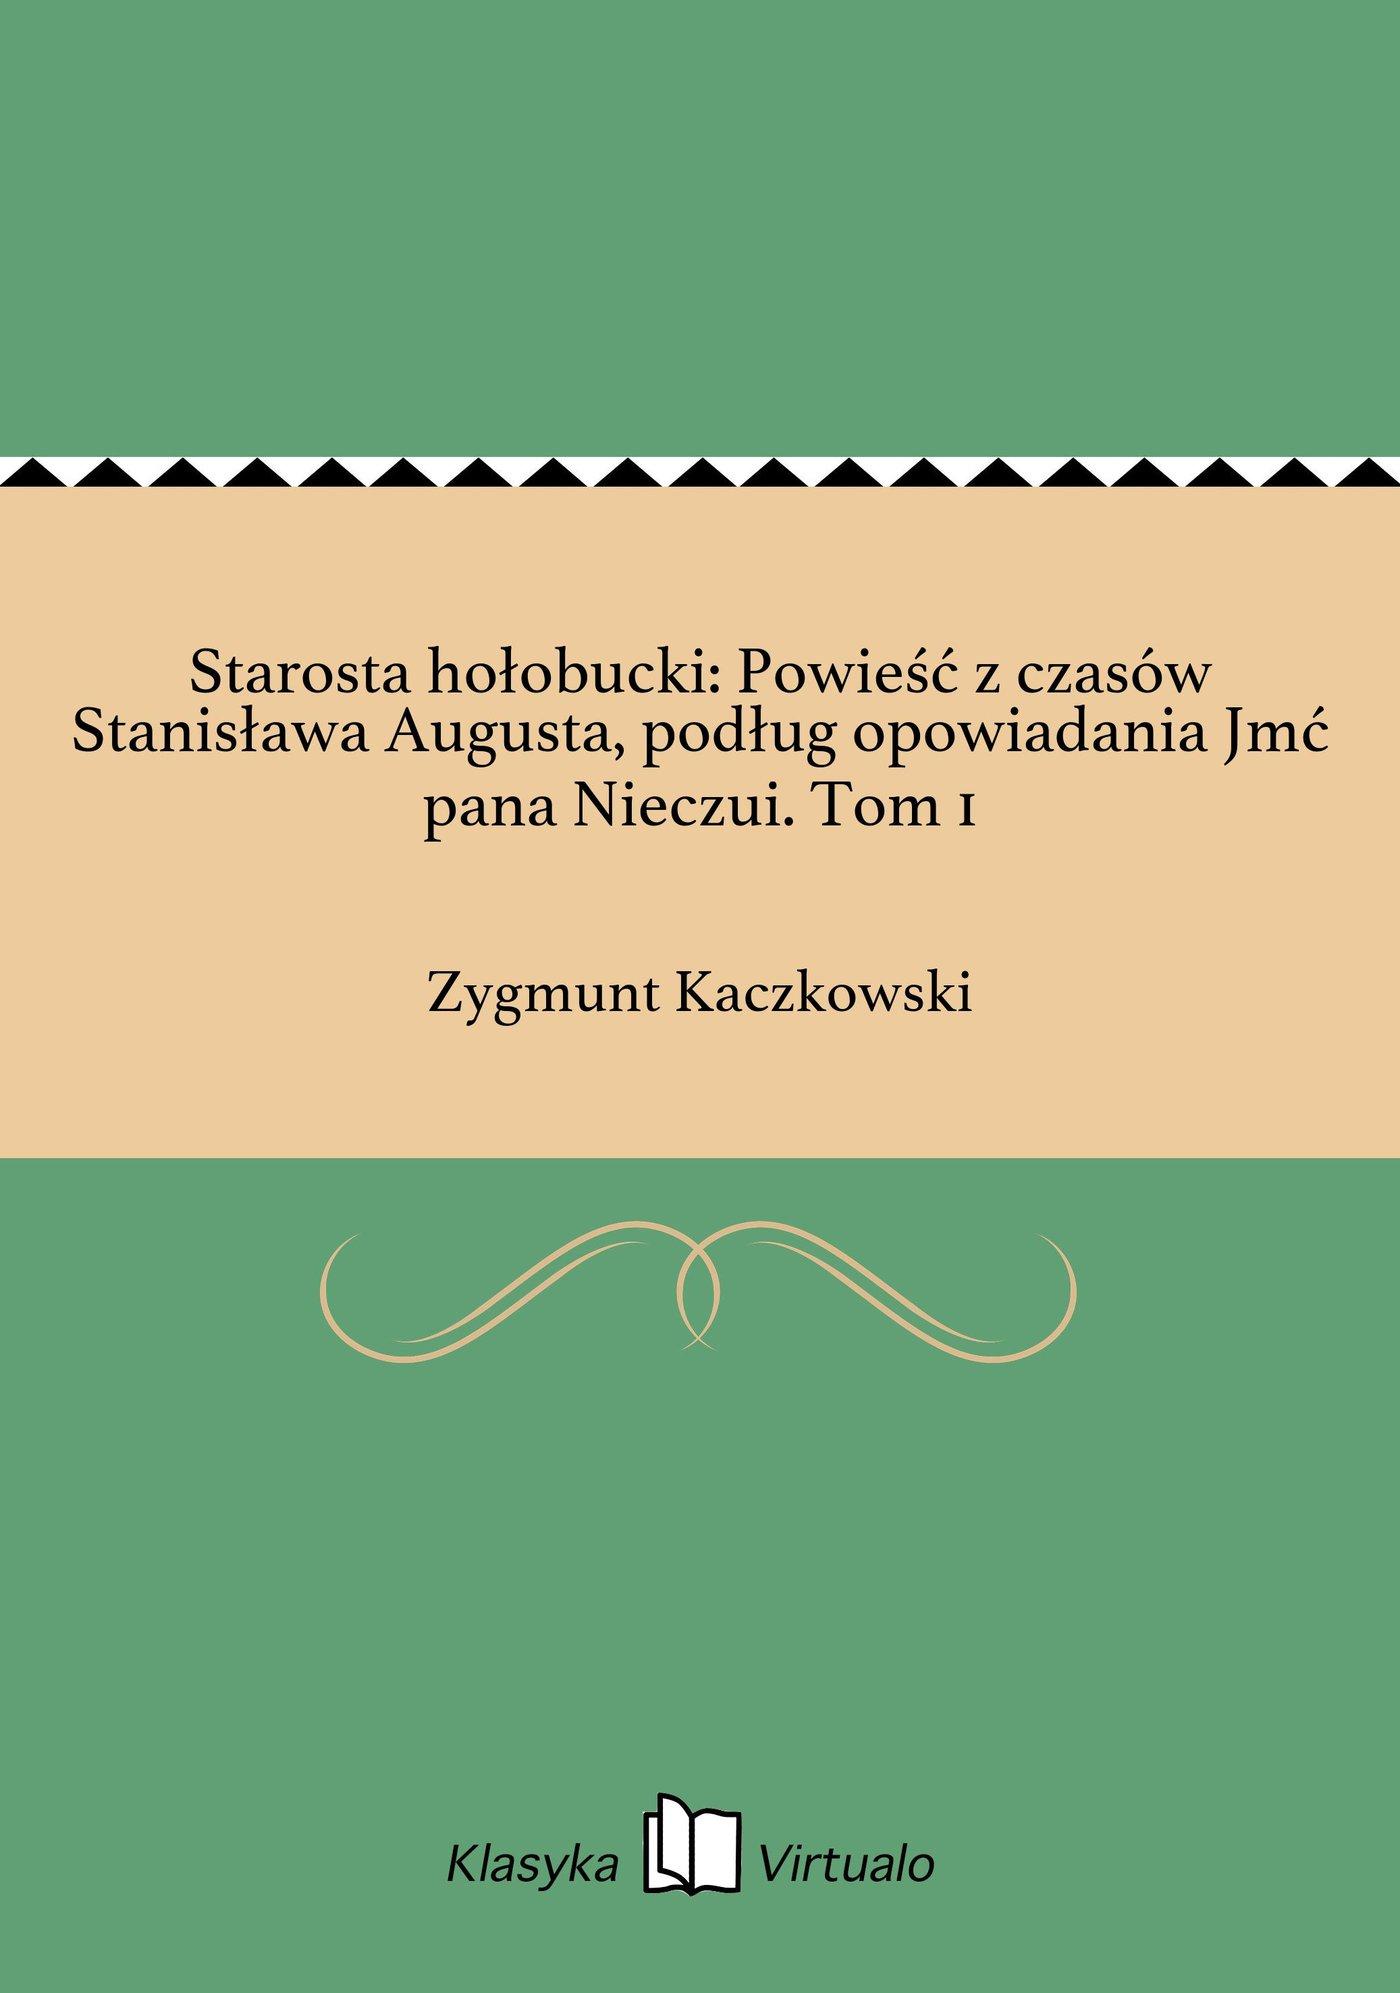 Starosta hołobucki: Powieść z czasów Stanisława Augusta, podług opowiadania Jmć pana Nieczui. Tom 1 - Ebook (Książka na Kindle) do pobrania w formacie MOBI